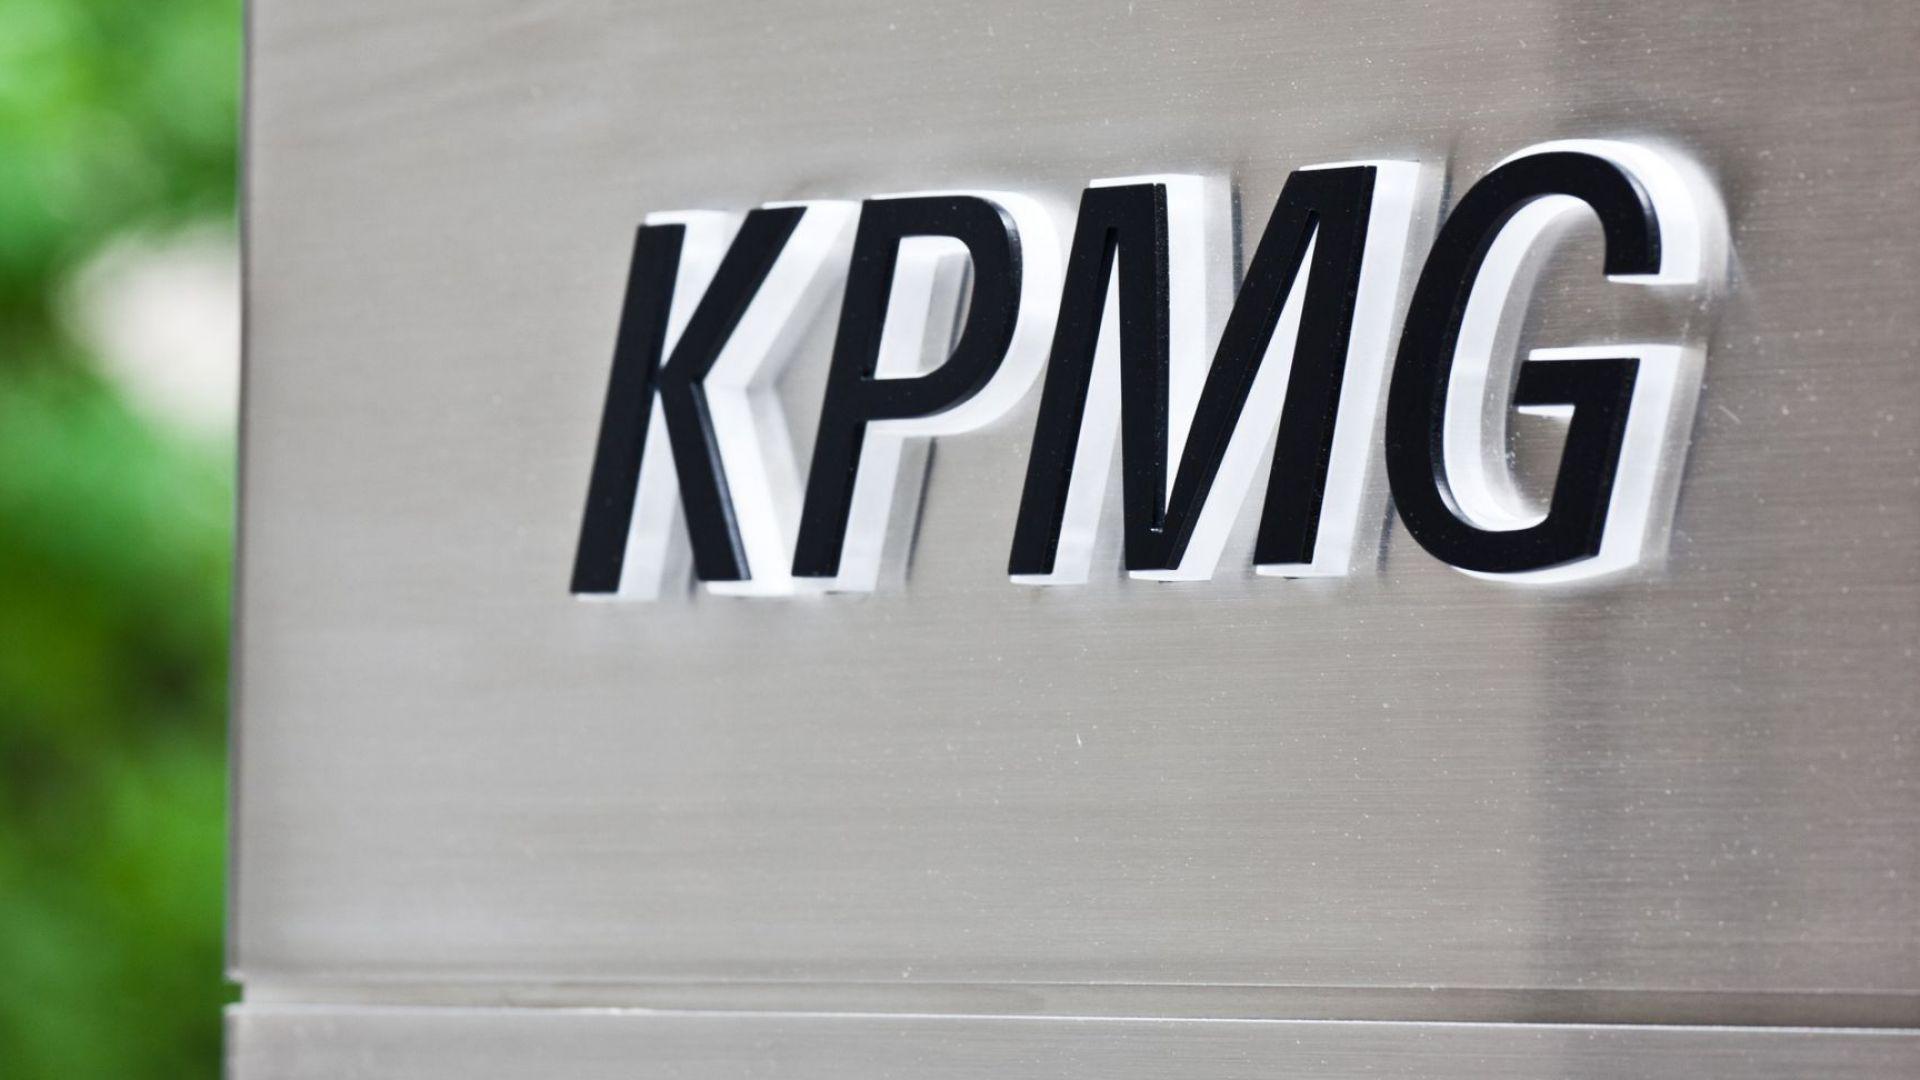 Шефът на KPMG във Великобритания подаде оставка, след като обиди служителите